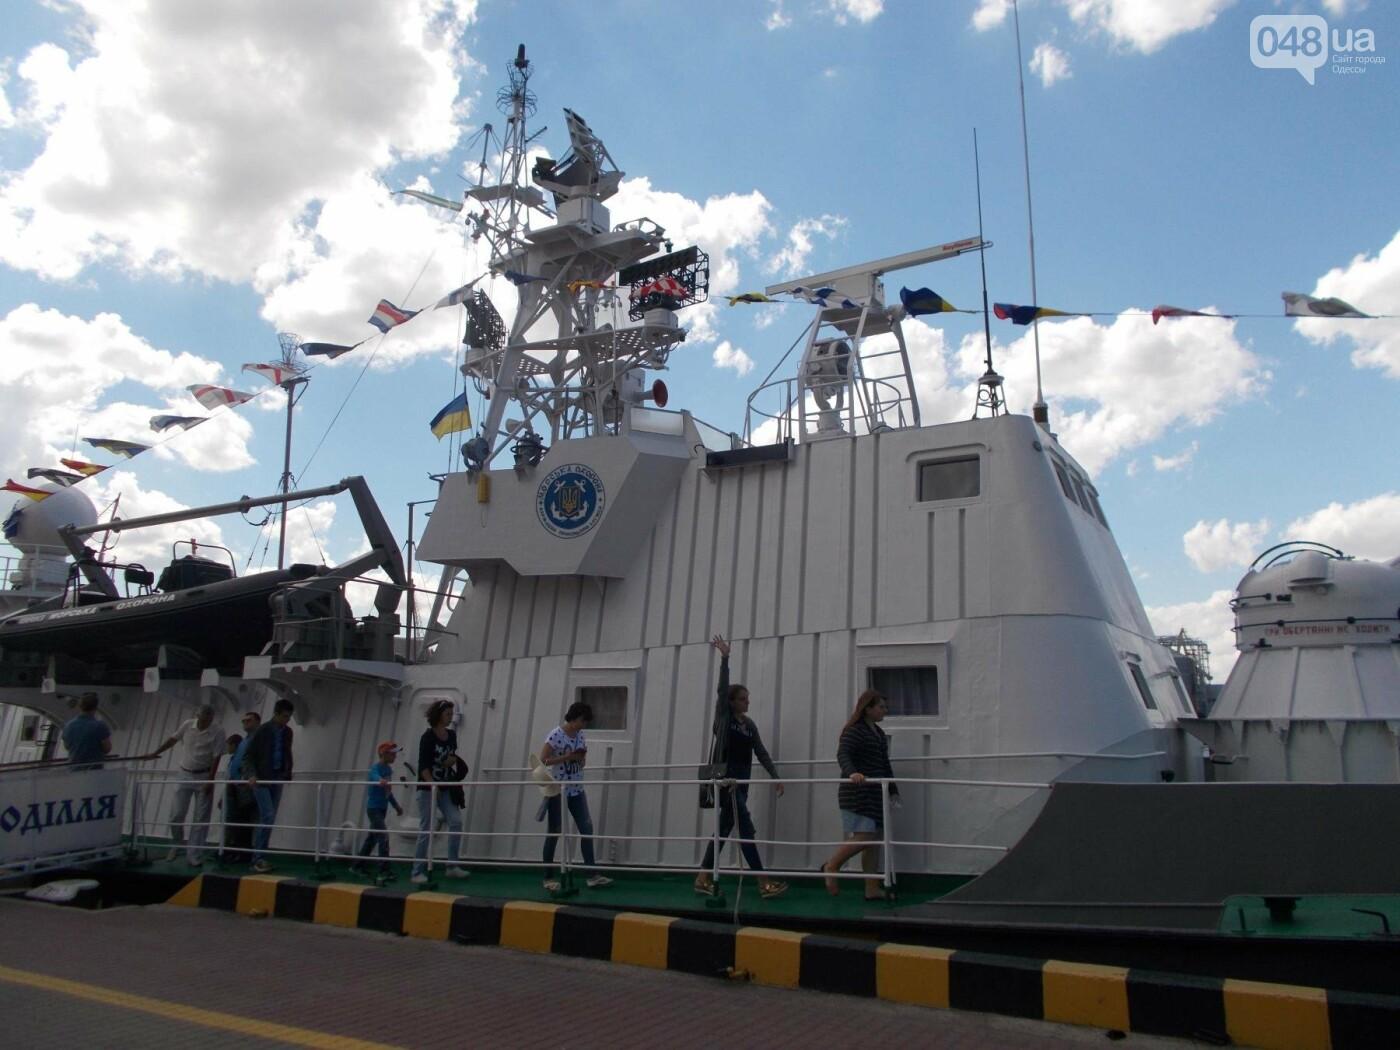 День Военно-морских сил Украины отпраздновали на Одесском морвокзале, - ФОТО , фото-20